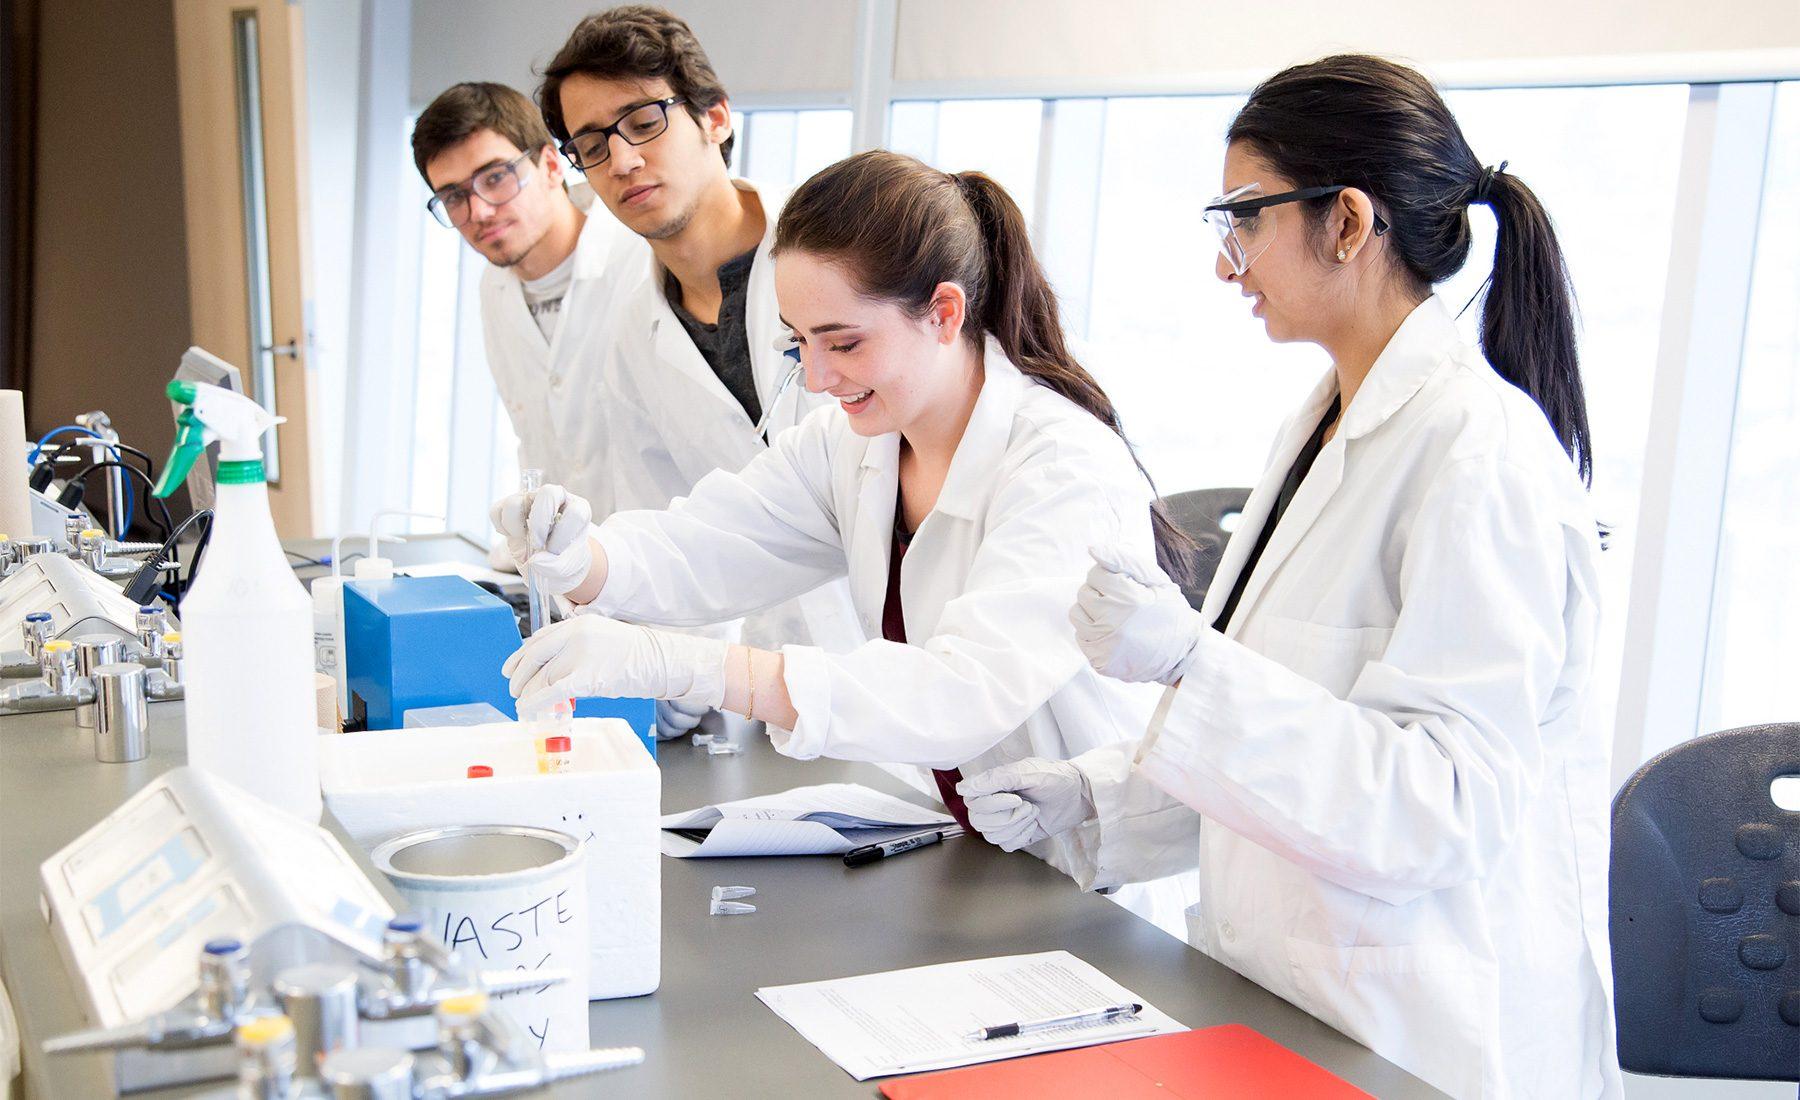 Students Lab 1800x1100 1800x1100 1